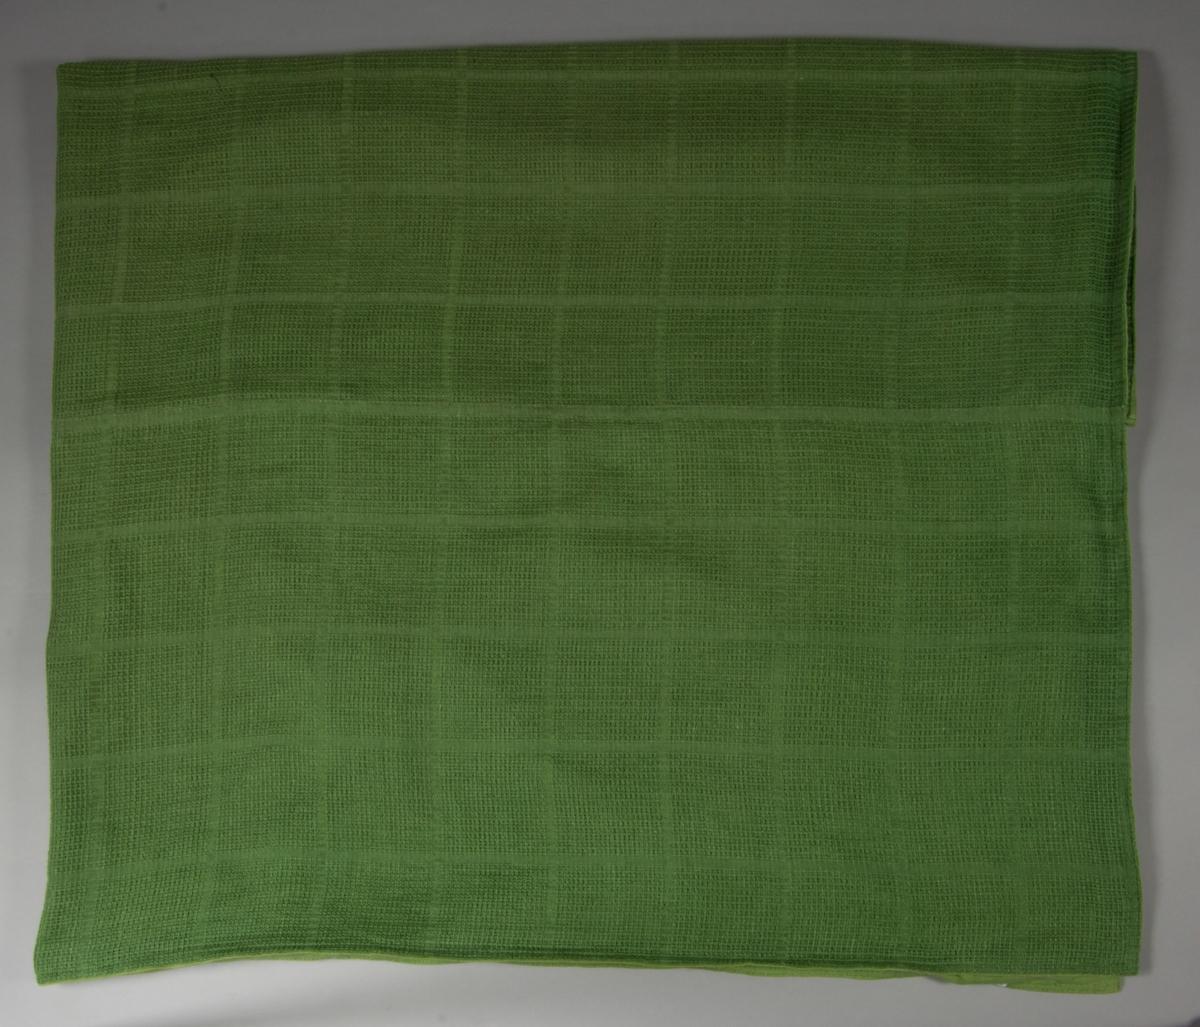 Överkast till säng. Tillverkat av handvävt linnetyg., mörkgrönt, vävt i stramaljbindning, myggtjäll med stora rutor. Två våder hopsydda på mitten, hörnen formade för att passa omstopp och nedhängande del fram. Sidorna, nedre kanten fram och den tänkta viklinjen för nerhänget kantade med gröna linneband. Överkastet är helfodrat med grönt linnetyg i tuskaft.